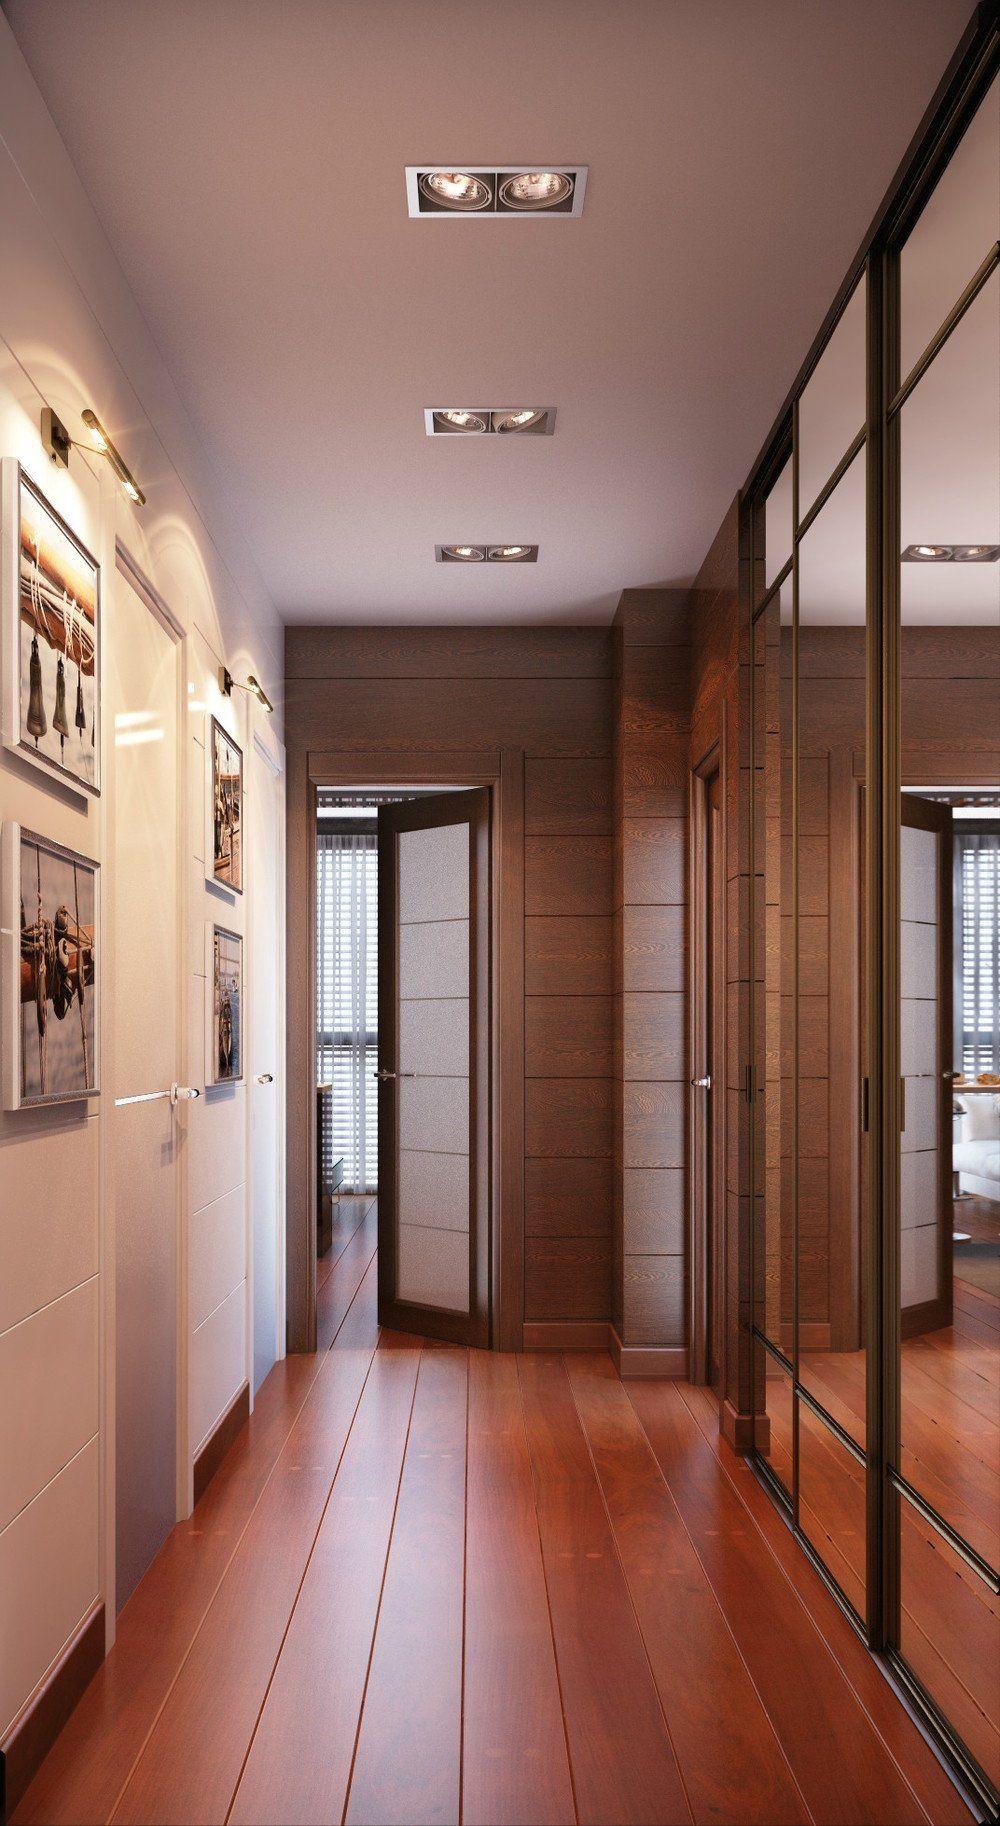 Adorable 30 Luxury Apartment Interior Decorating And Design Ideas Https Centeroom Co 30 Luxury Apartment Interior Decorating And Des Luxury Apartments Interior